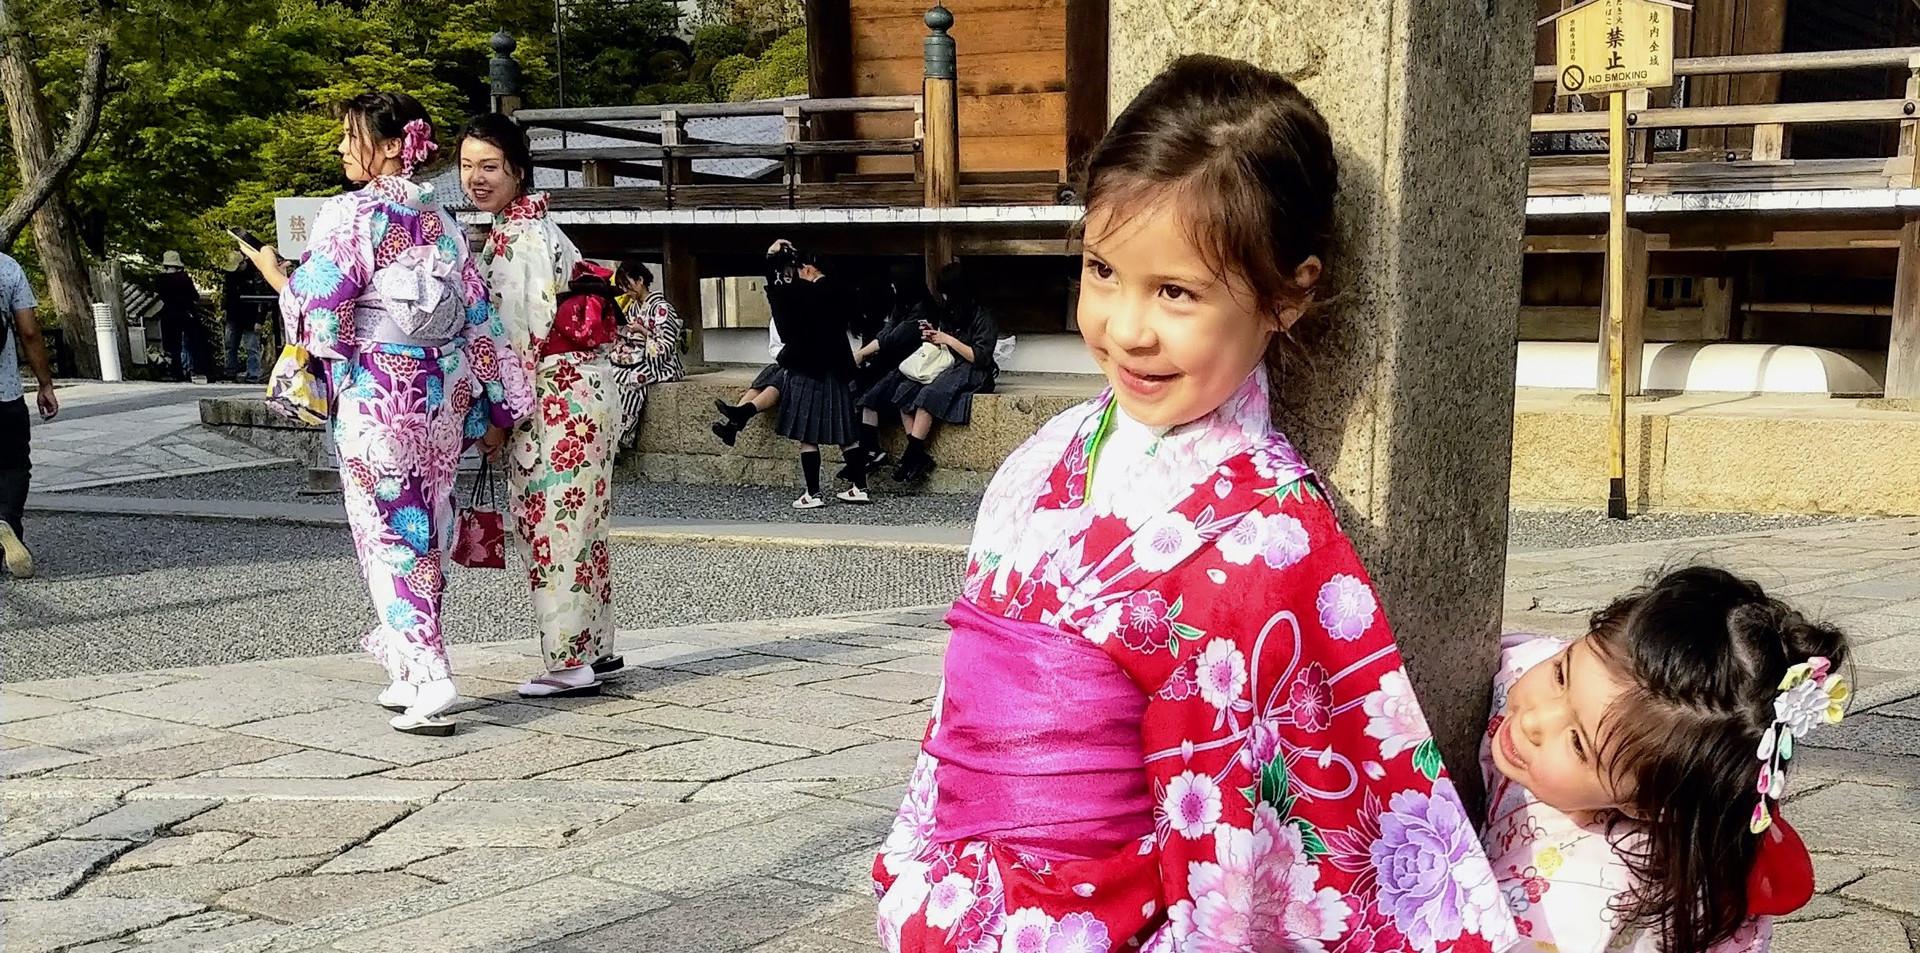 Geishas young, and geishas beautiful